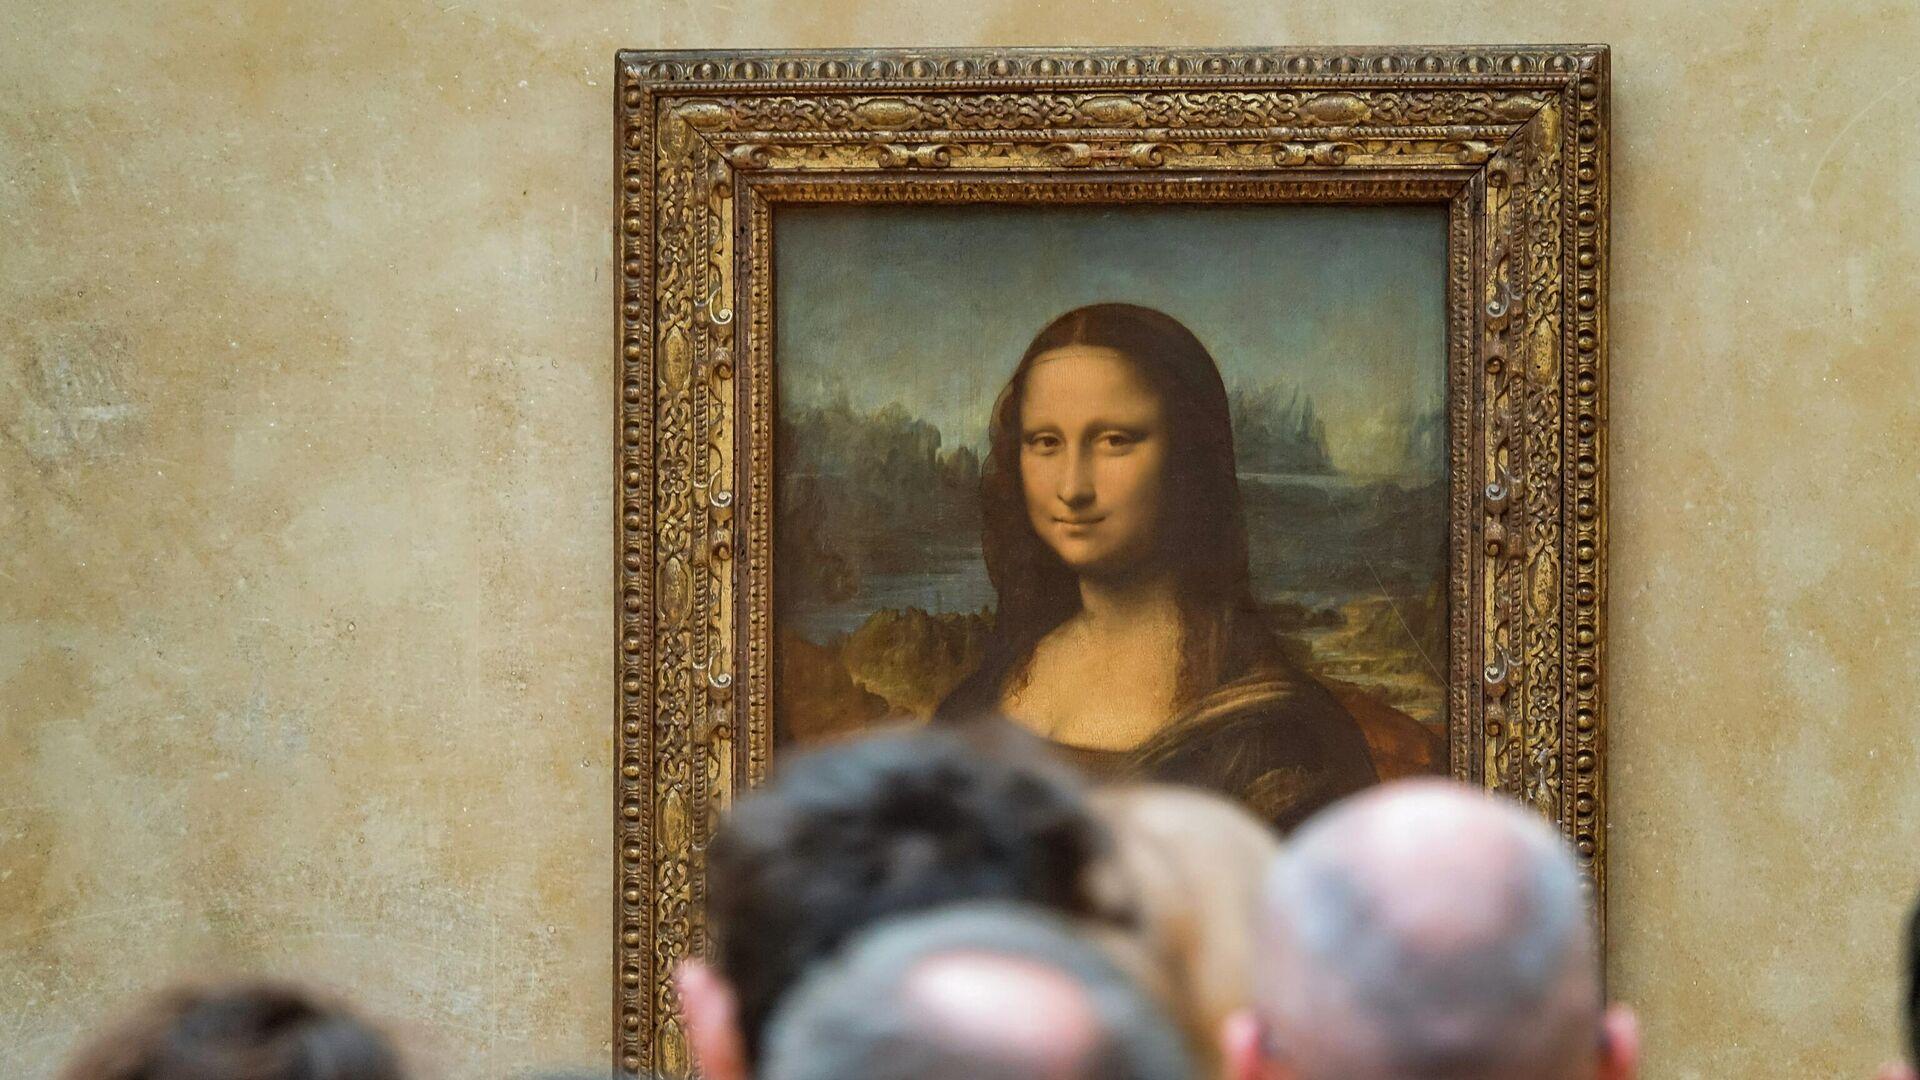 La pintura de la Mona Lisa en el museo del Louvre, en París - Sputnik Mundo, 1920, 23.09.2021